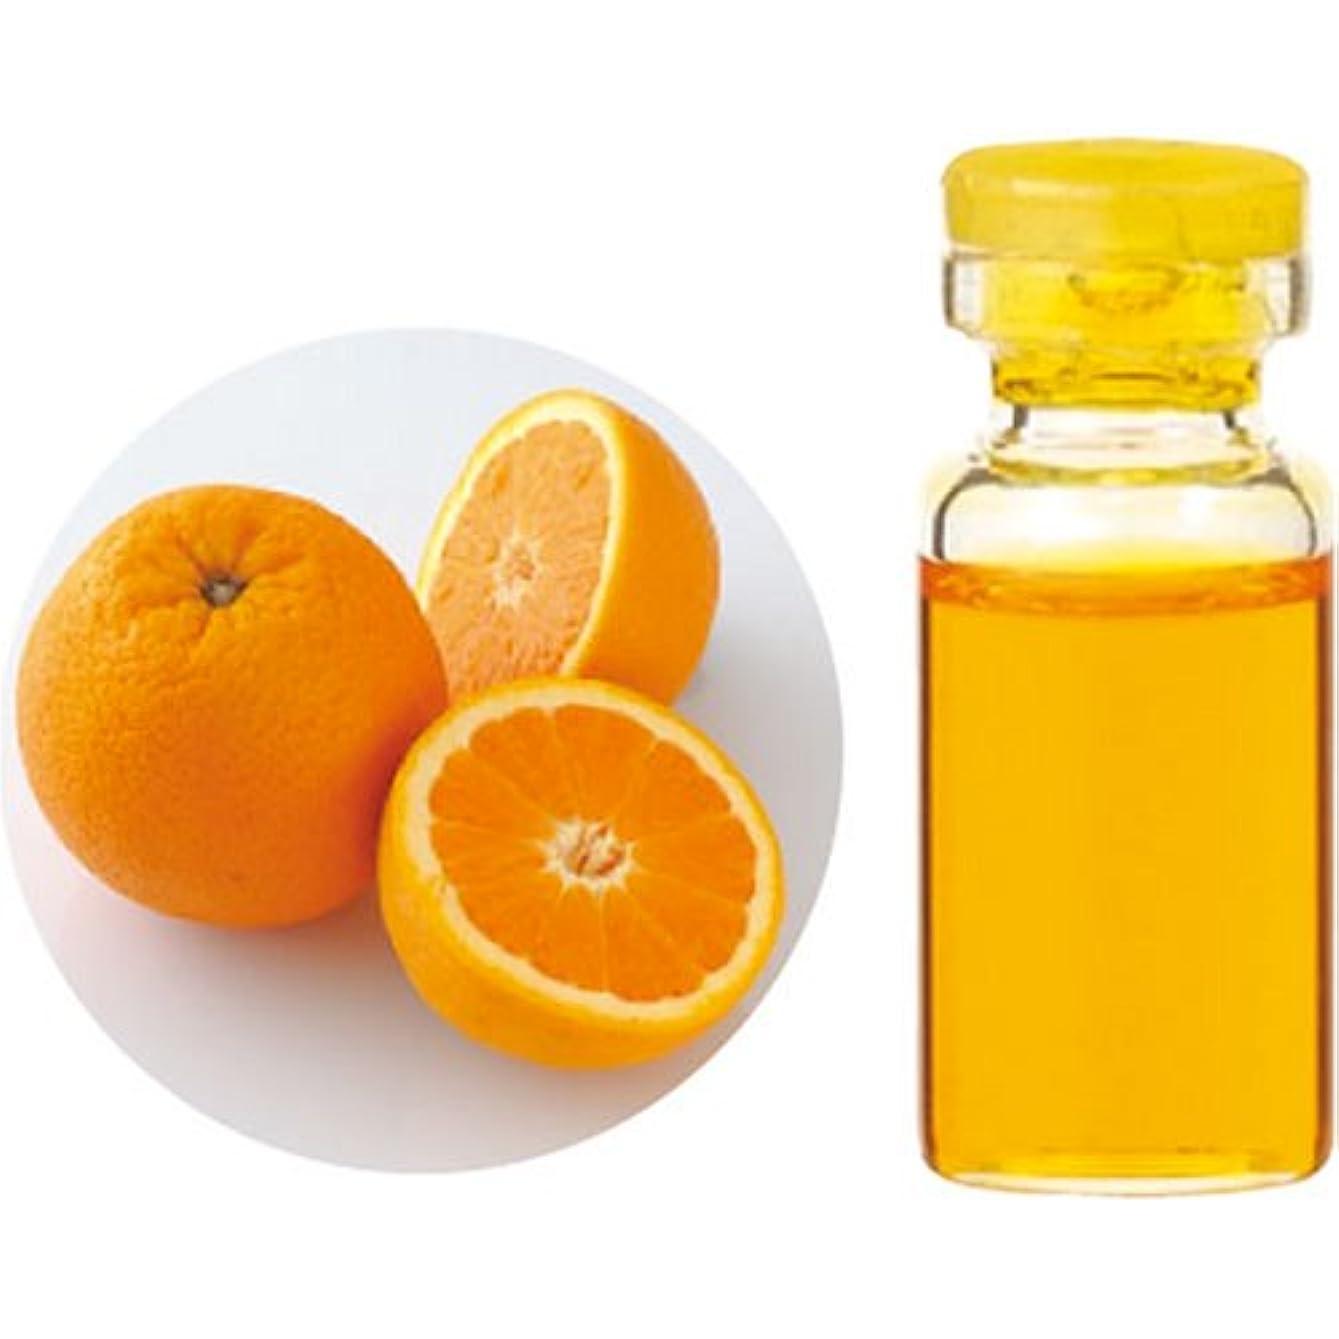 政治家のワイプフクロウHerbalLife スィートオレンジ 10ml